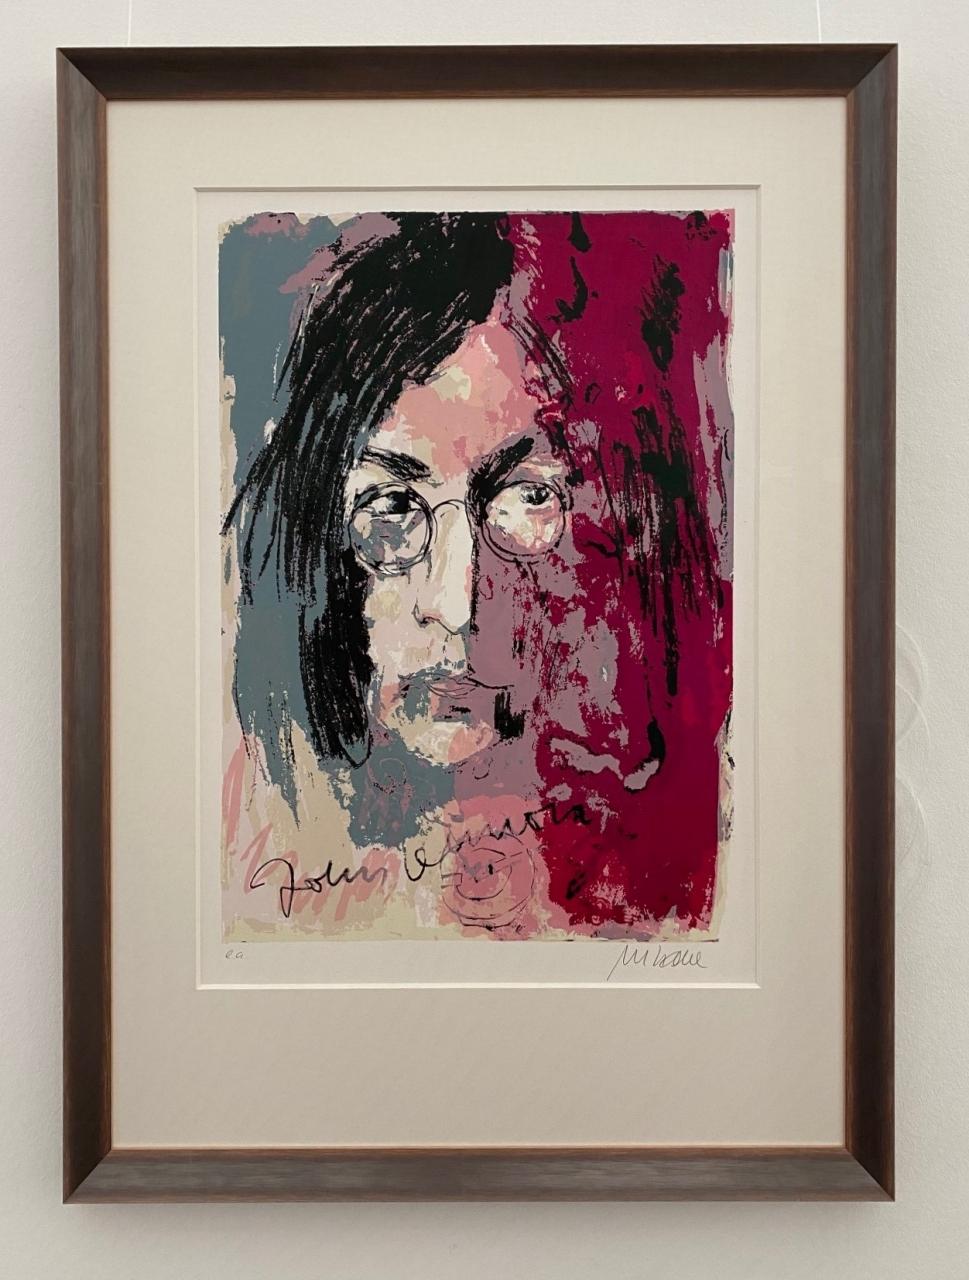 John Lennon 2015, gerahmt